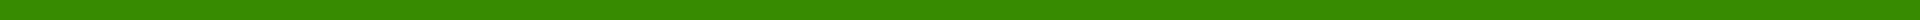 佛山市皇永顺食品有限公司是一家集土猪繁殖、饲养、销售、加工、餐饮与一体的食品企业。